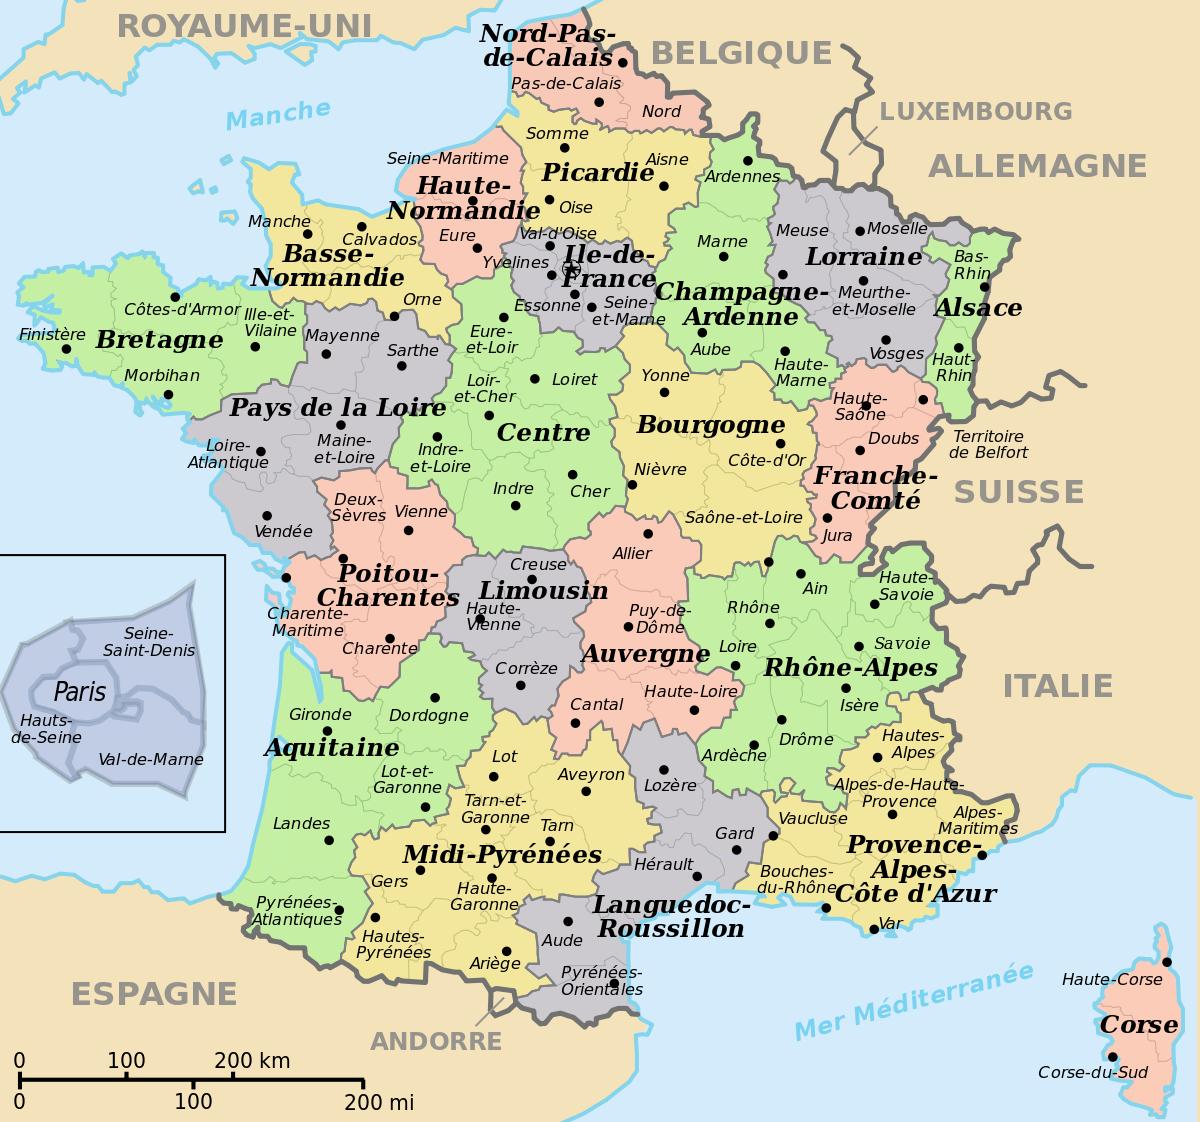 File:départements+Régions (France).svg - Wikimedia Commons concernant La Carte France Departement